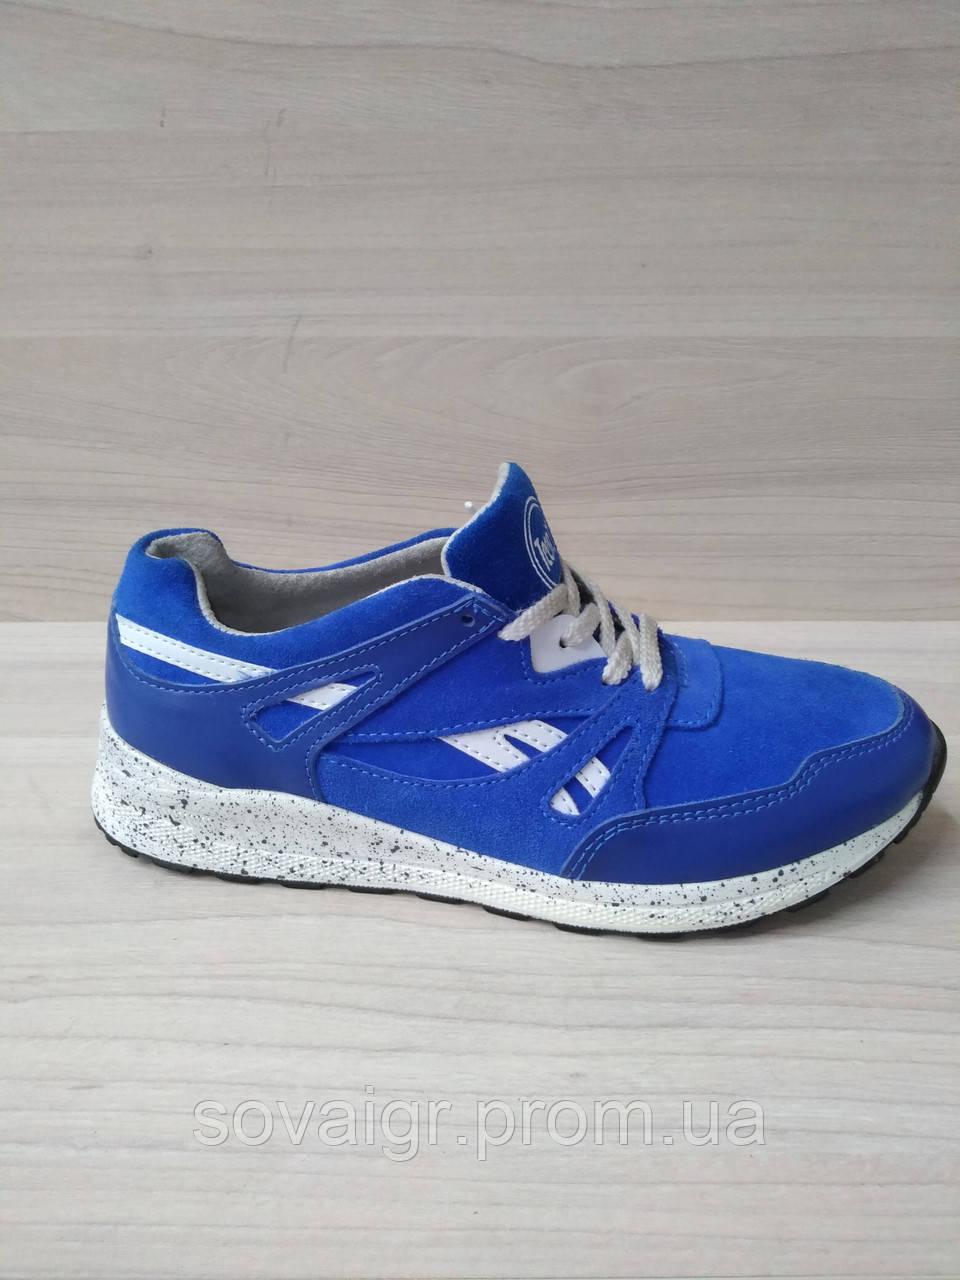 Детские замшевые ярко-синие кроссовки Reebok (реплика)